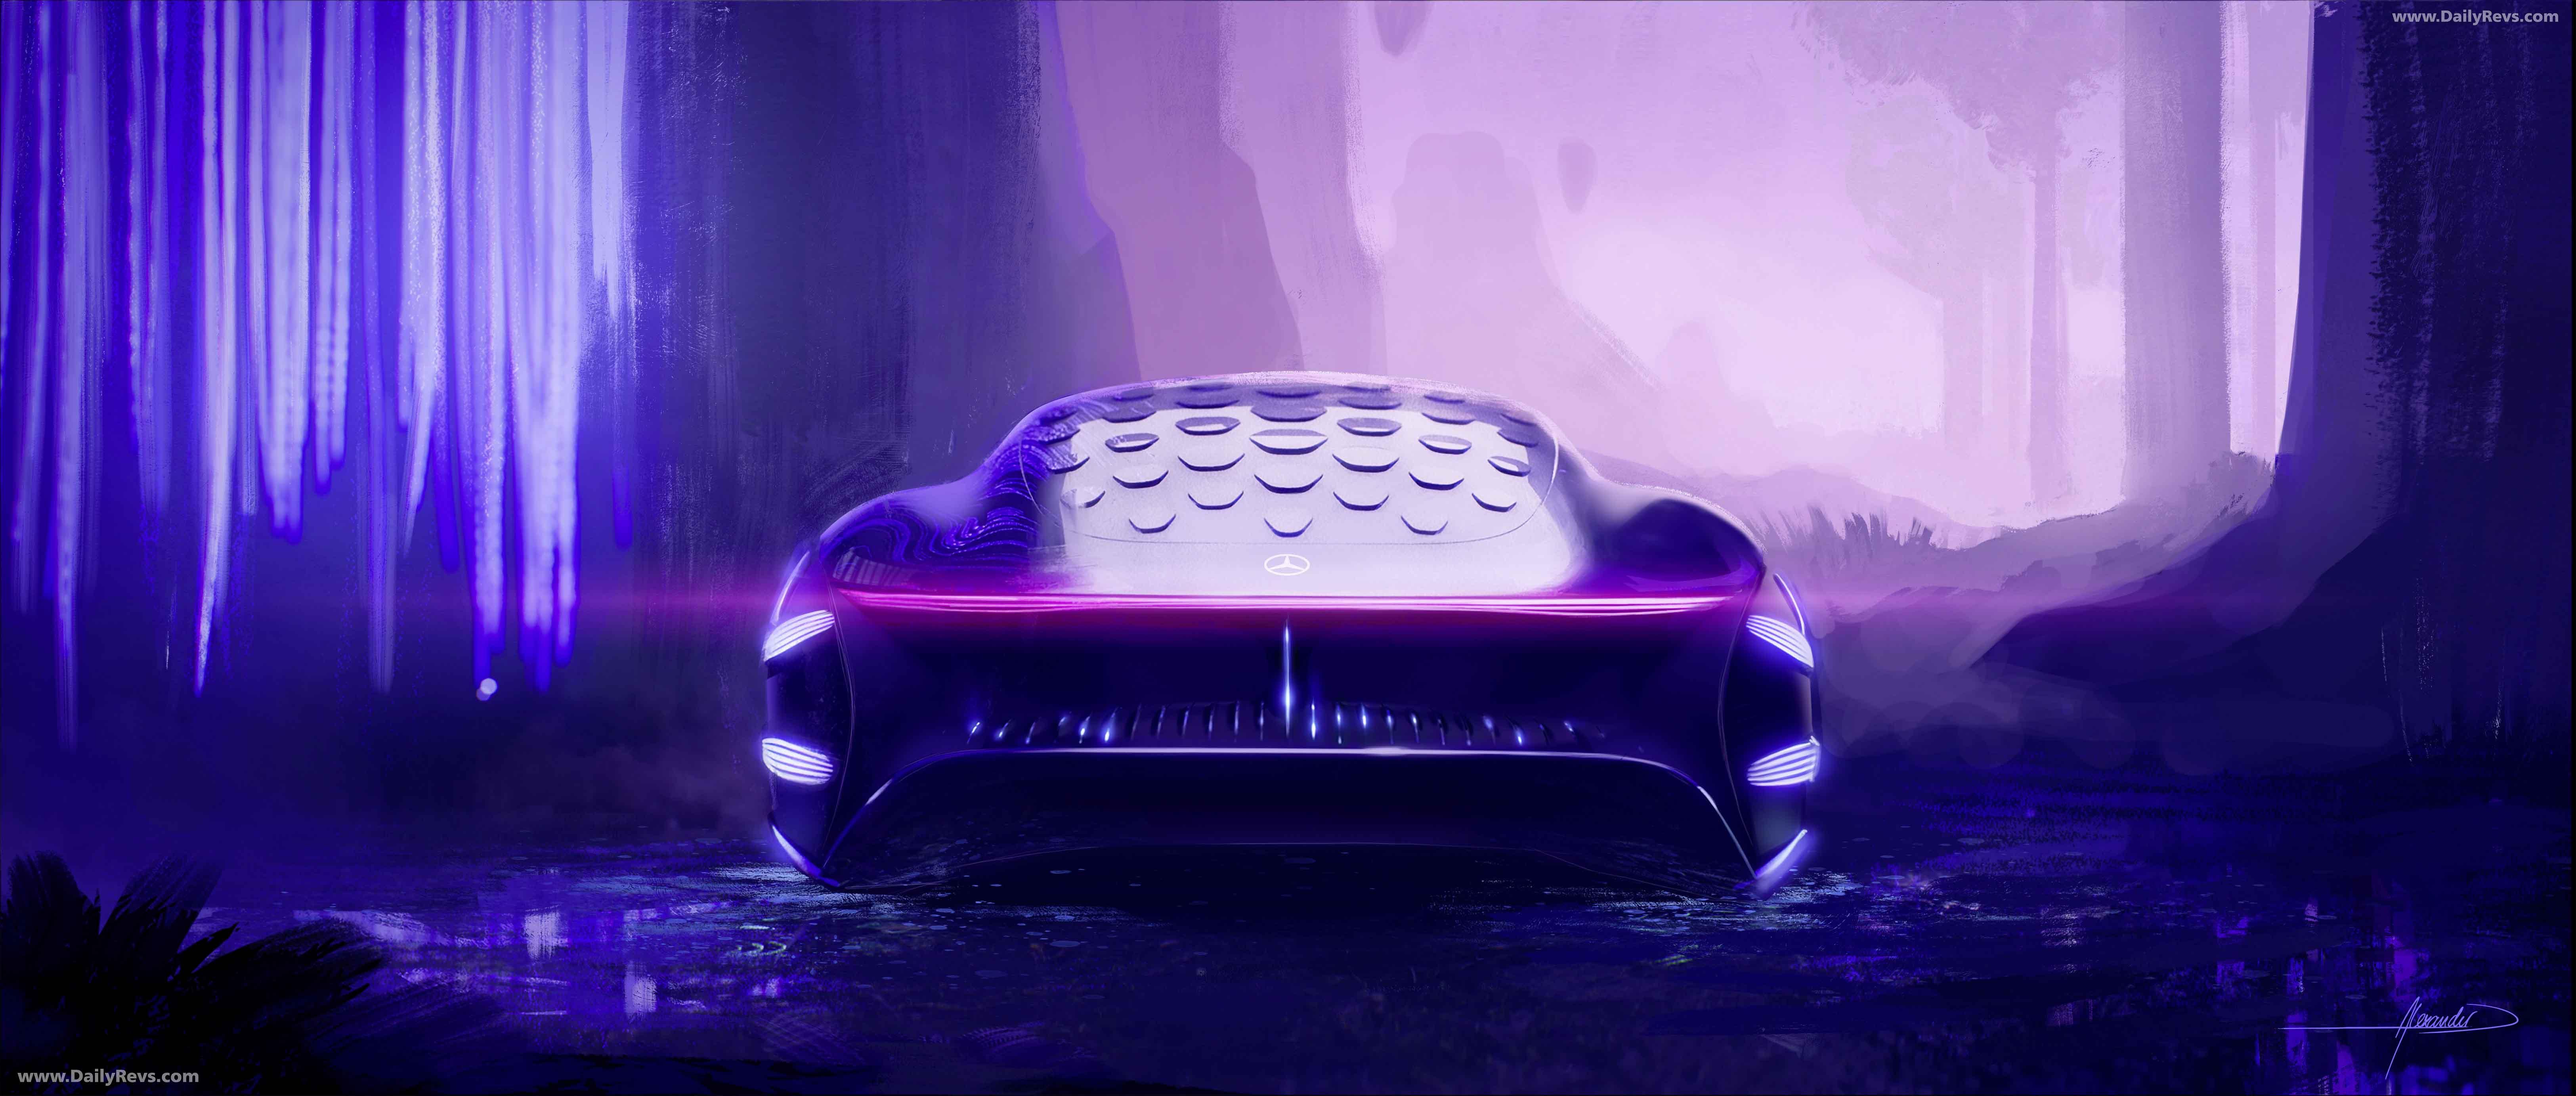 2020 Mercedes- Benz Vision AVTR Concept full